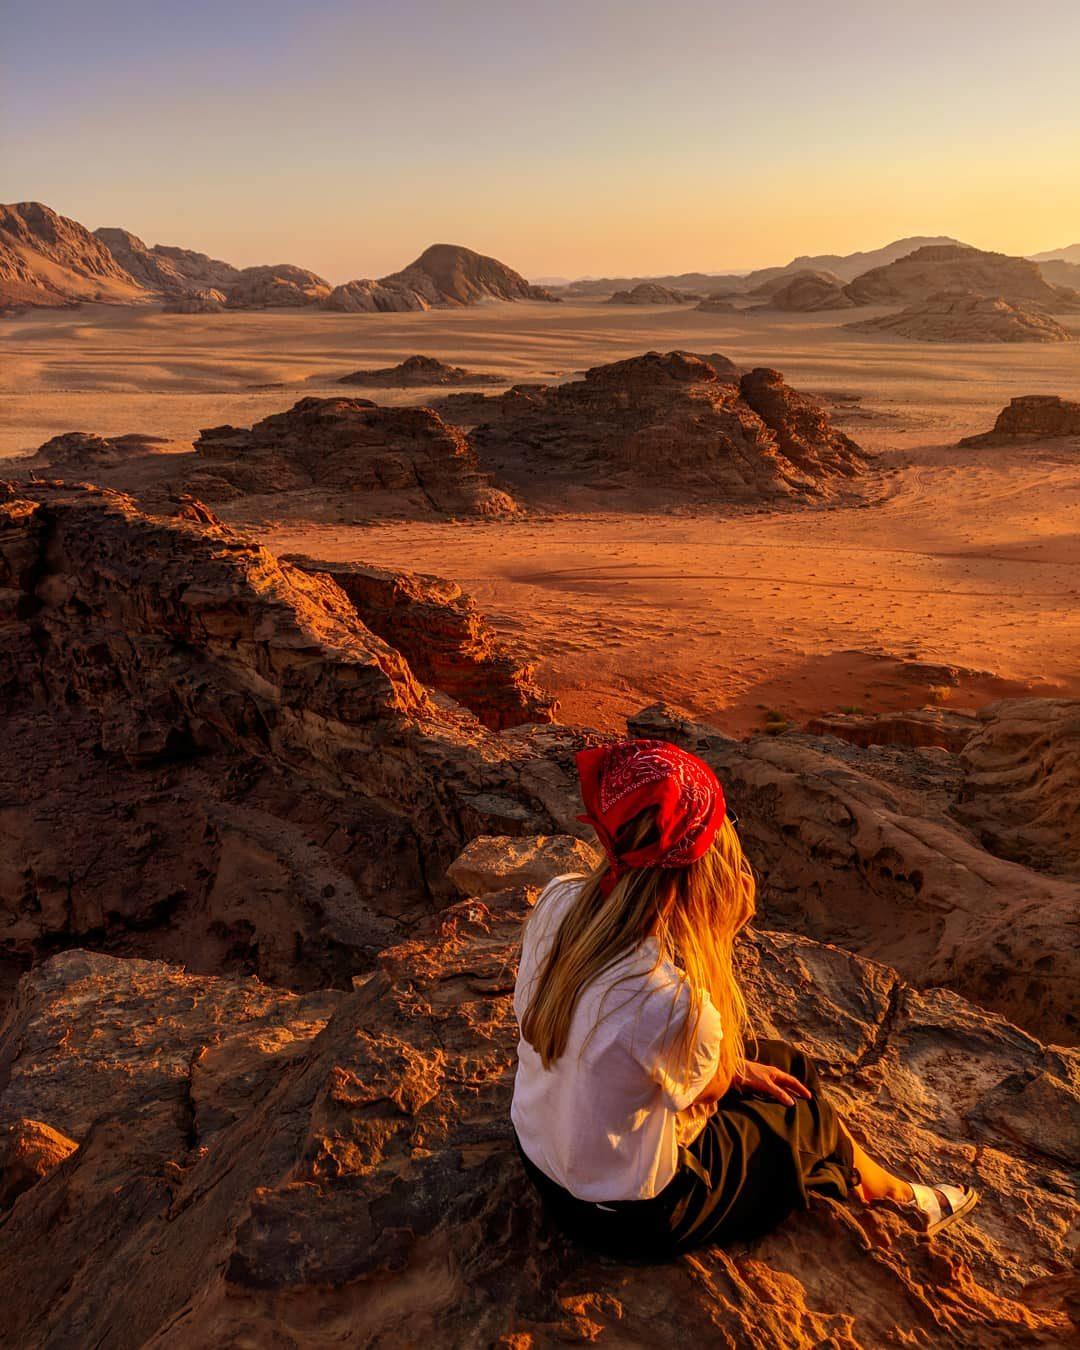 Co zobaczyć w Jordanii?